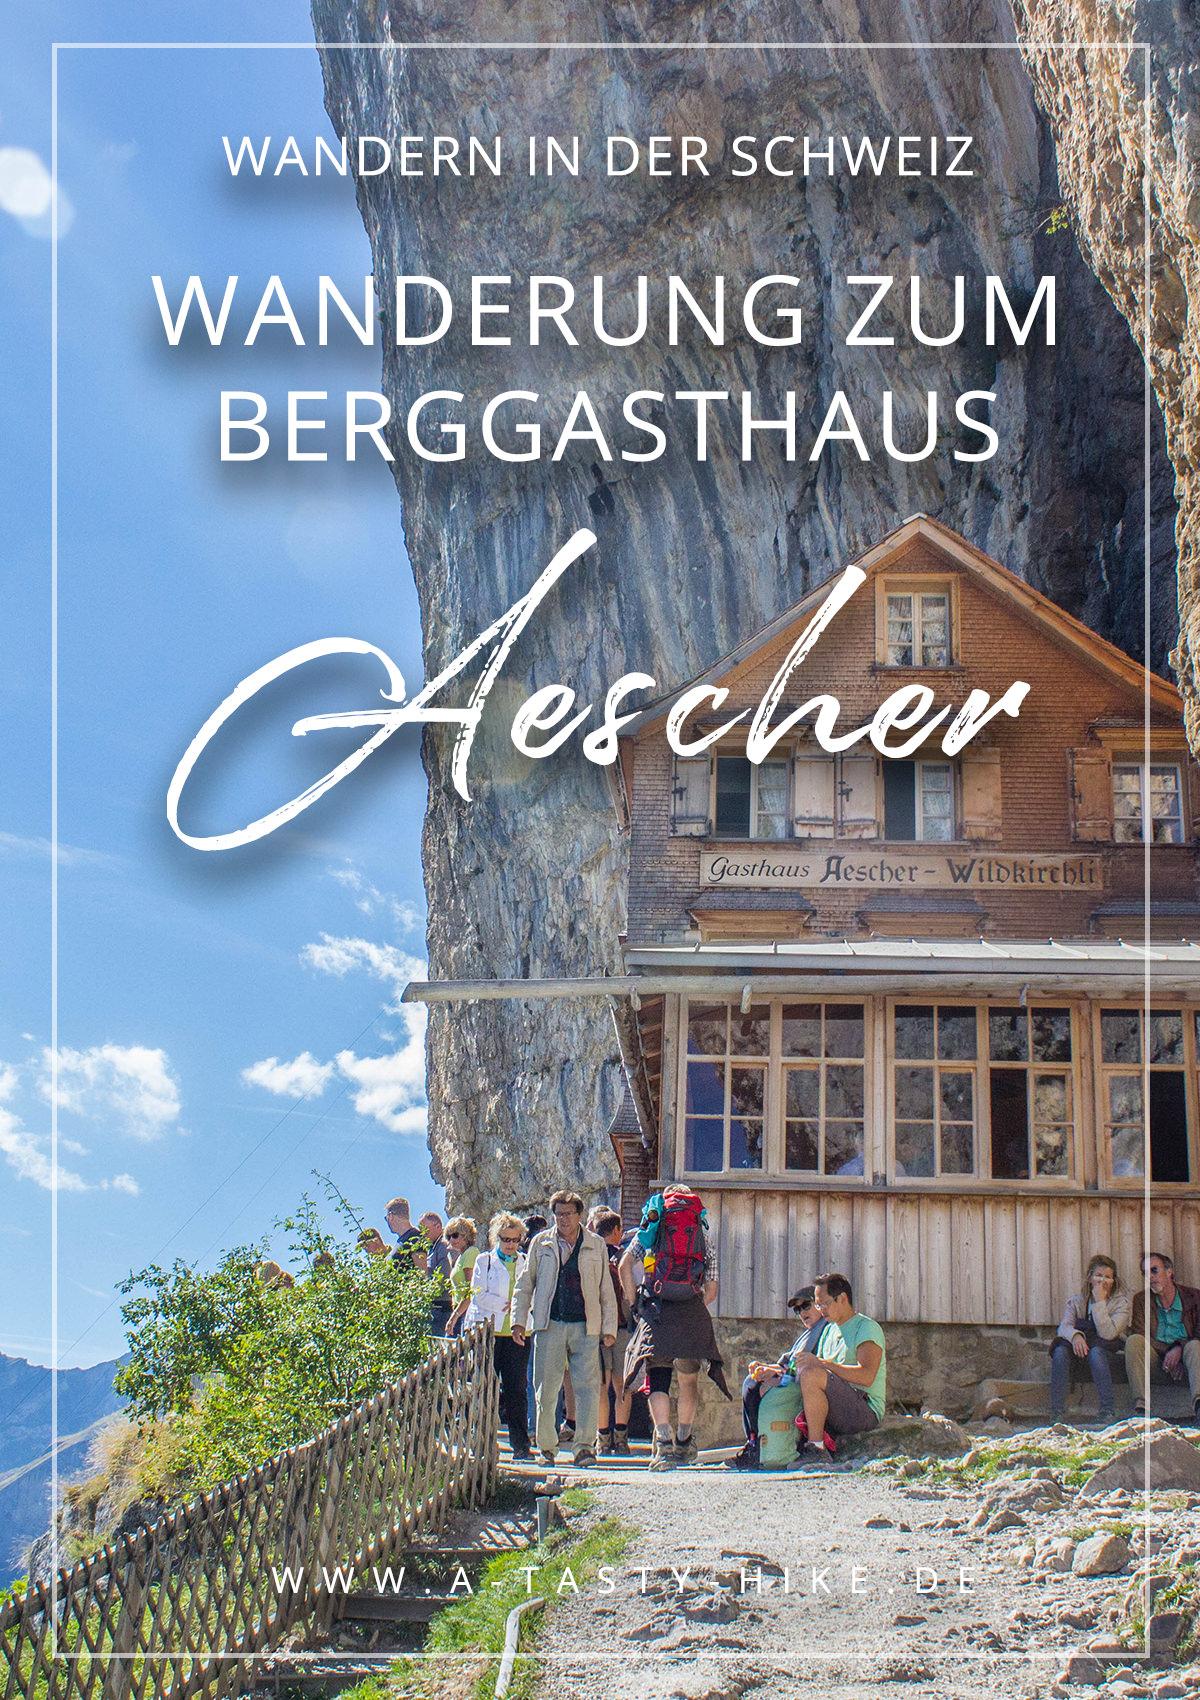 Schweiz wandern - Tolle Wanderung zum Berggasthaus Aescher im Alpstein in der Ostschweiz. Wandern in der Schweiz lohnt sich auf jeden Fall! Diese Tour ist mit 700 Höhenmeter nur etwas für fitte Wanderanfänger. Genusswanderer kommen voll auf ihre Kosten! #Wandern #Wanderung #Schweiz